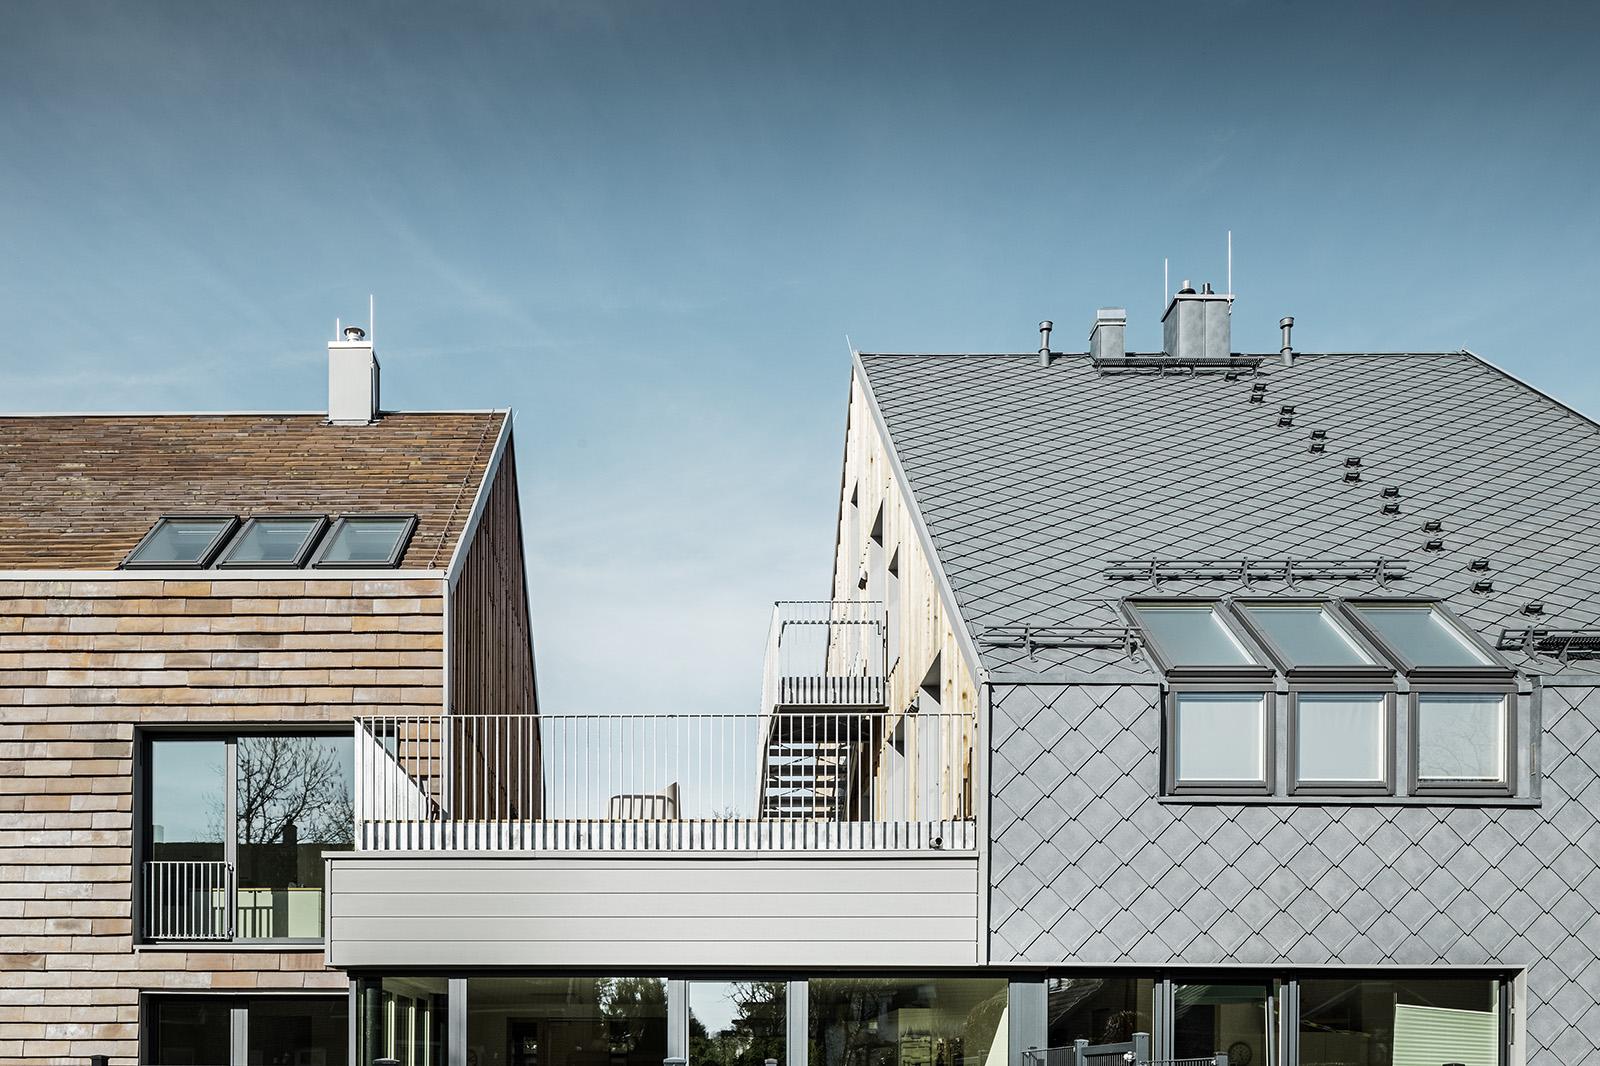 Töllke Stiftung-Gemeinschaftsbereich Dachterrasse - Foto-PREFA-Croce & Wir